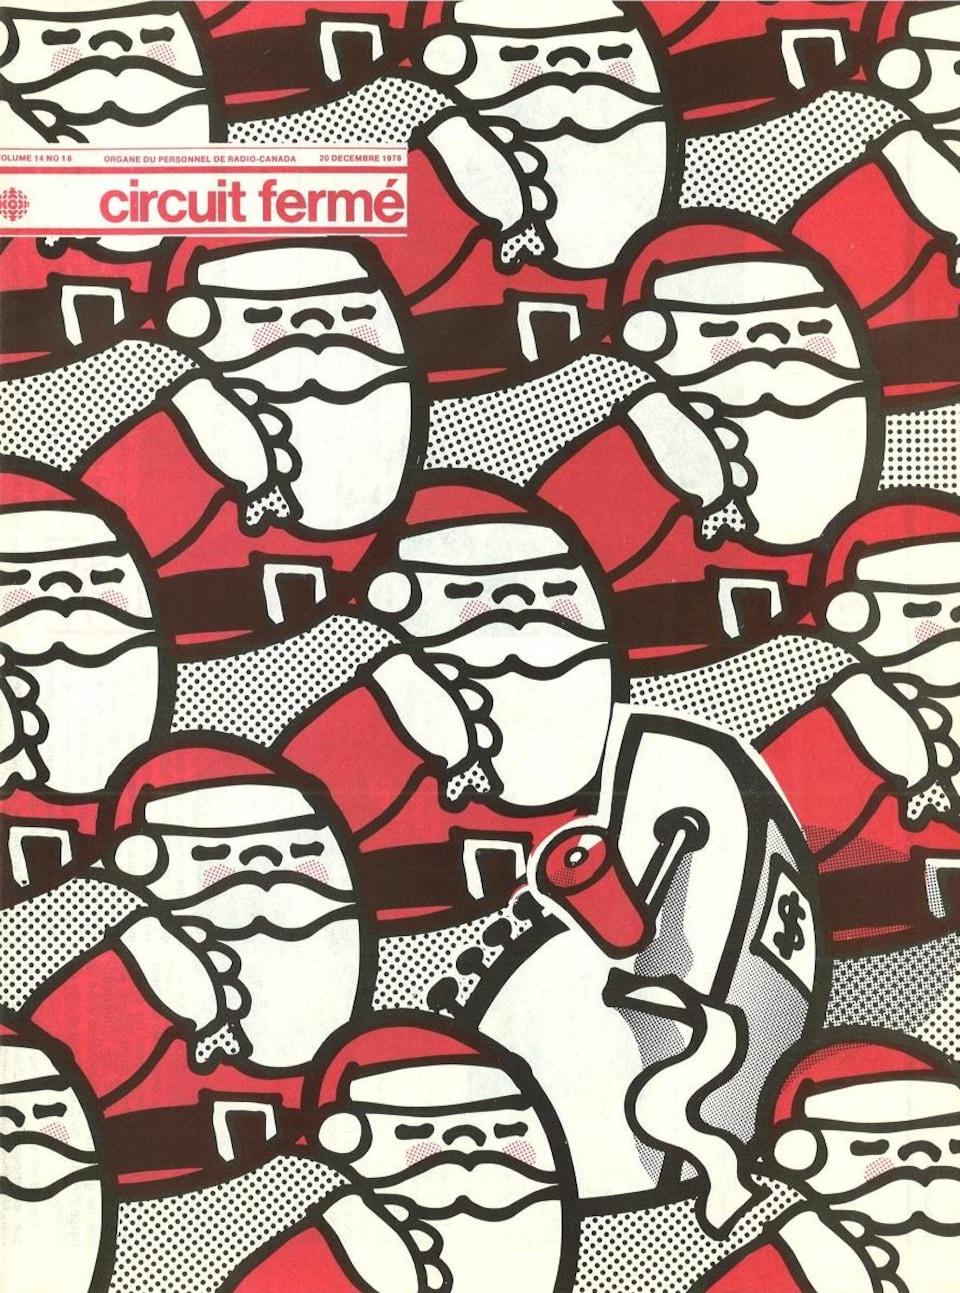 Illustration de couverture montrant un groupe serré de pères Noël avec au milieu une caisse enregistreuse.